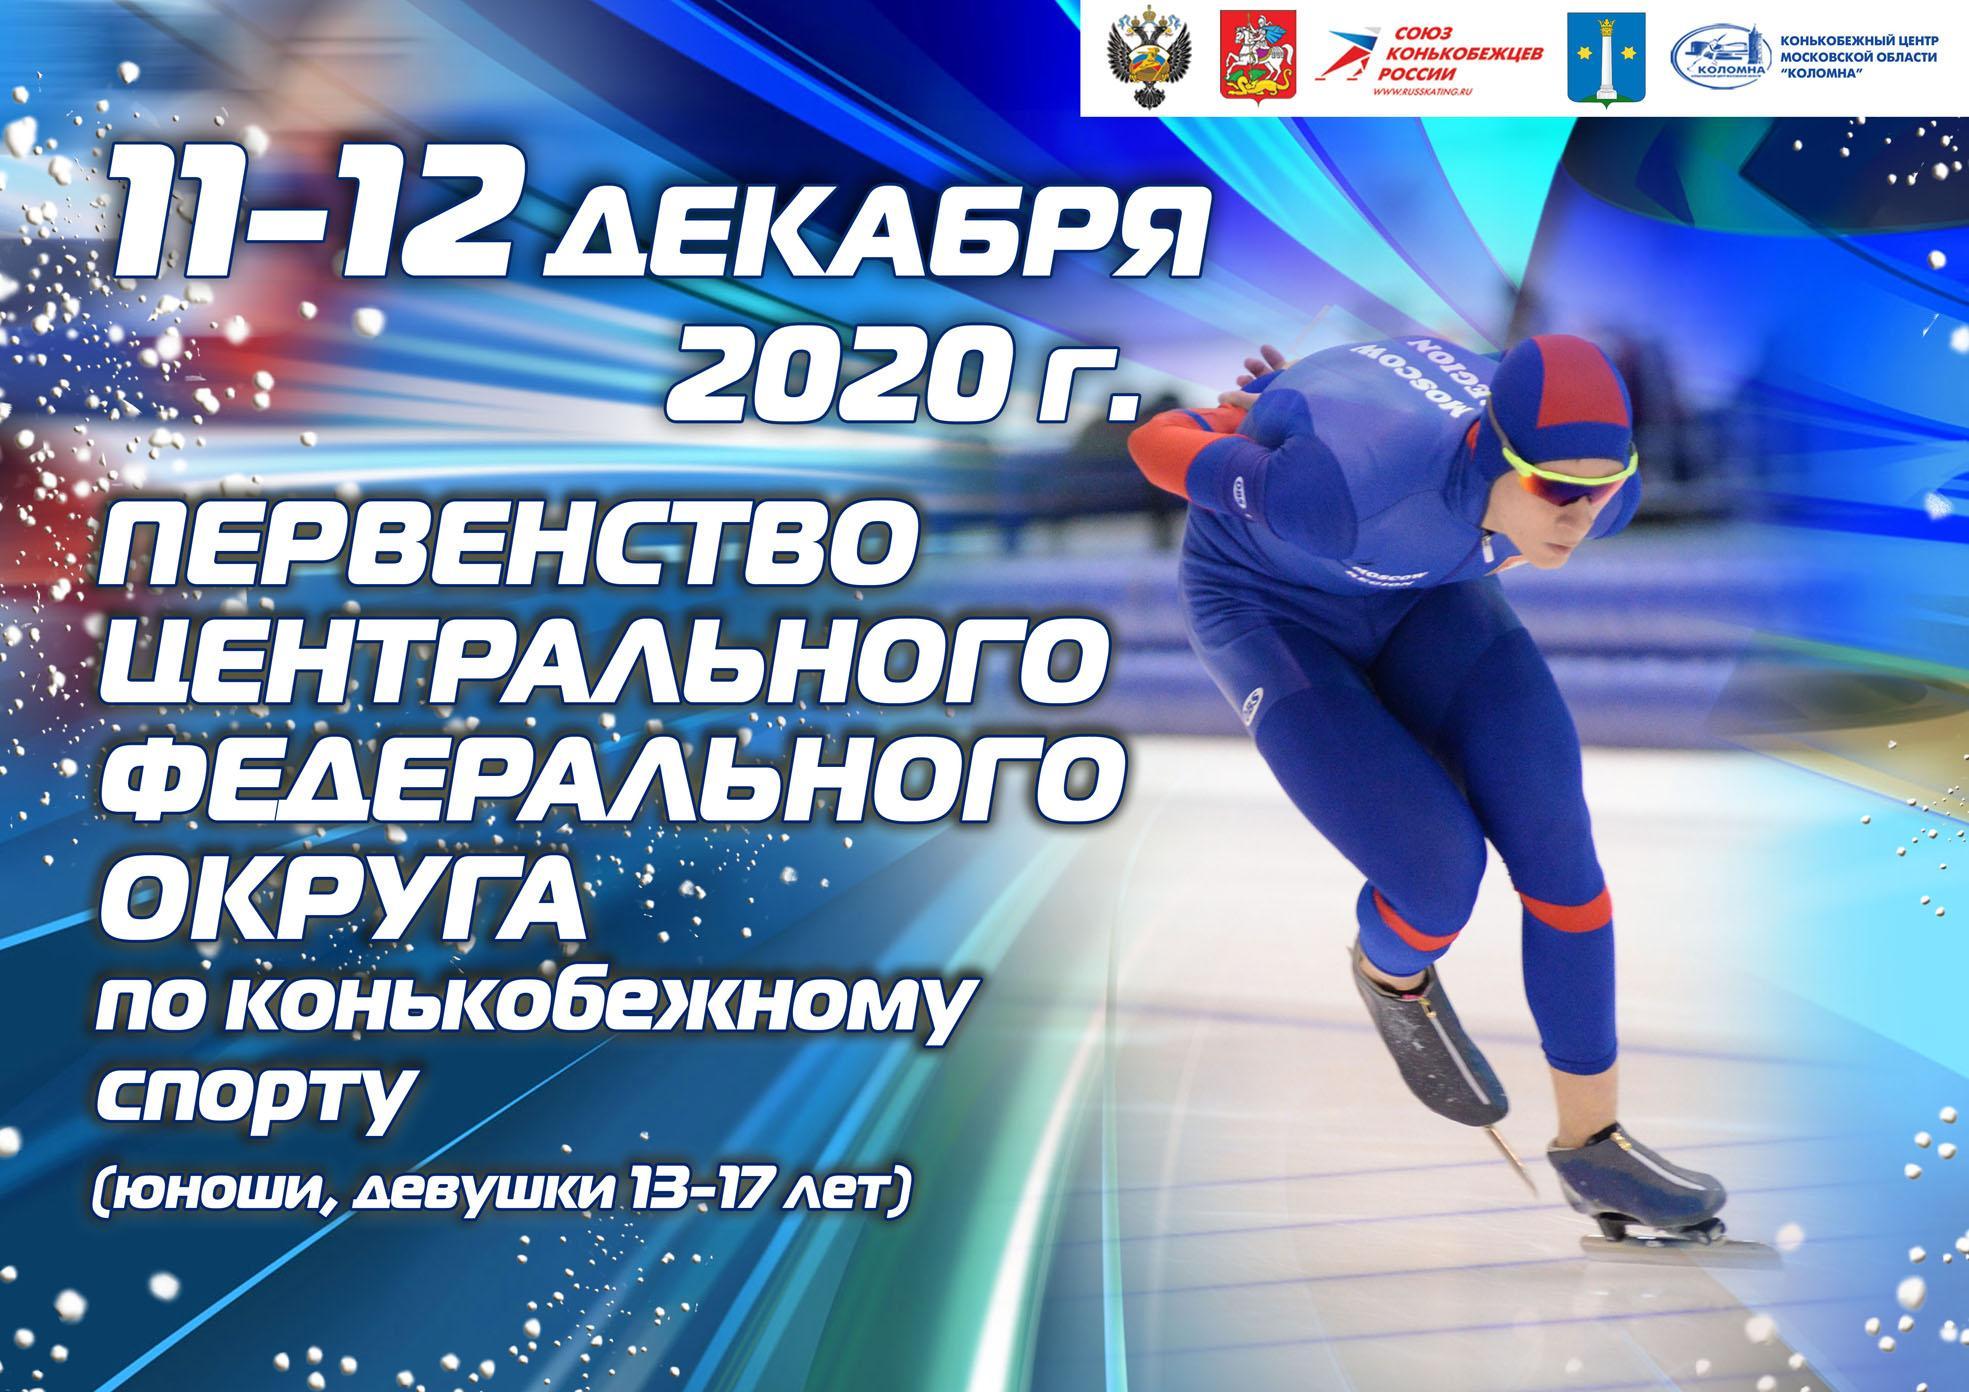 В Коломне проведут межрегиональные соревнования по конькобежному спорту